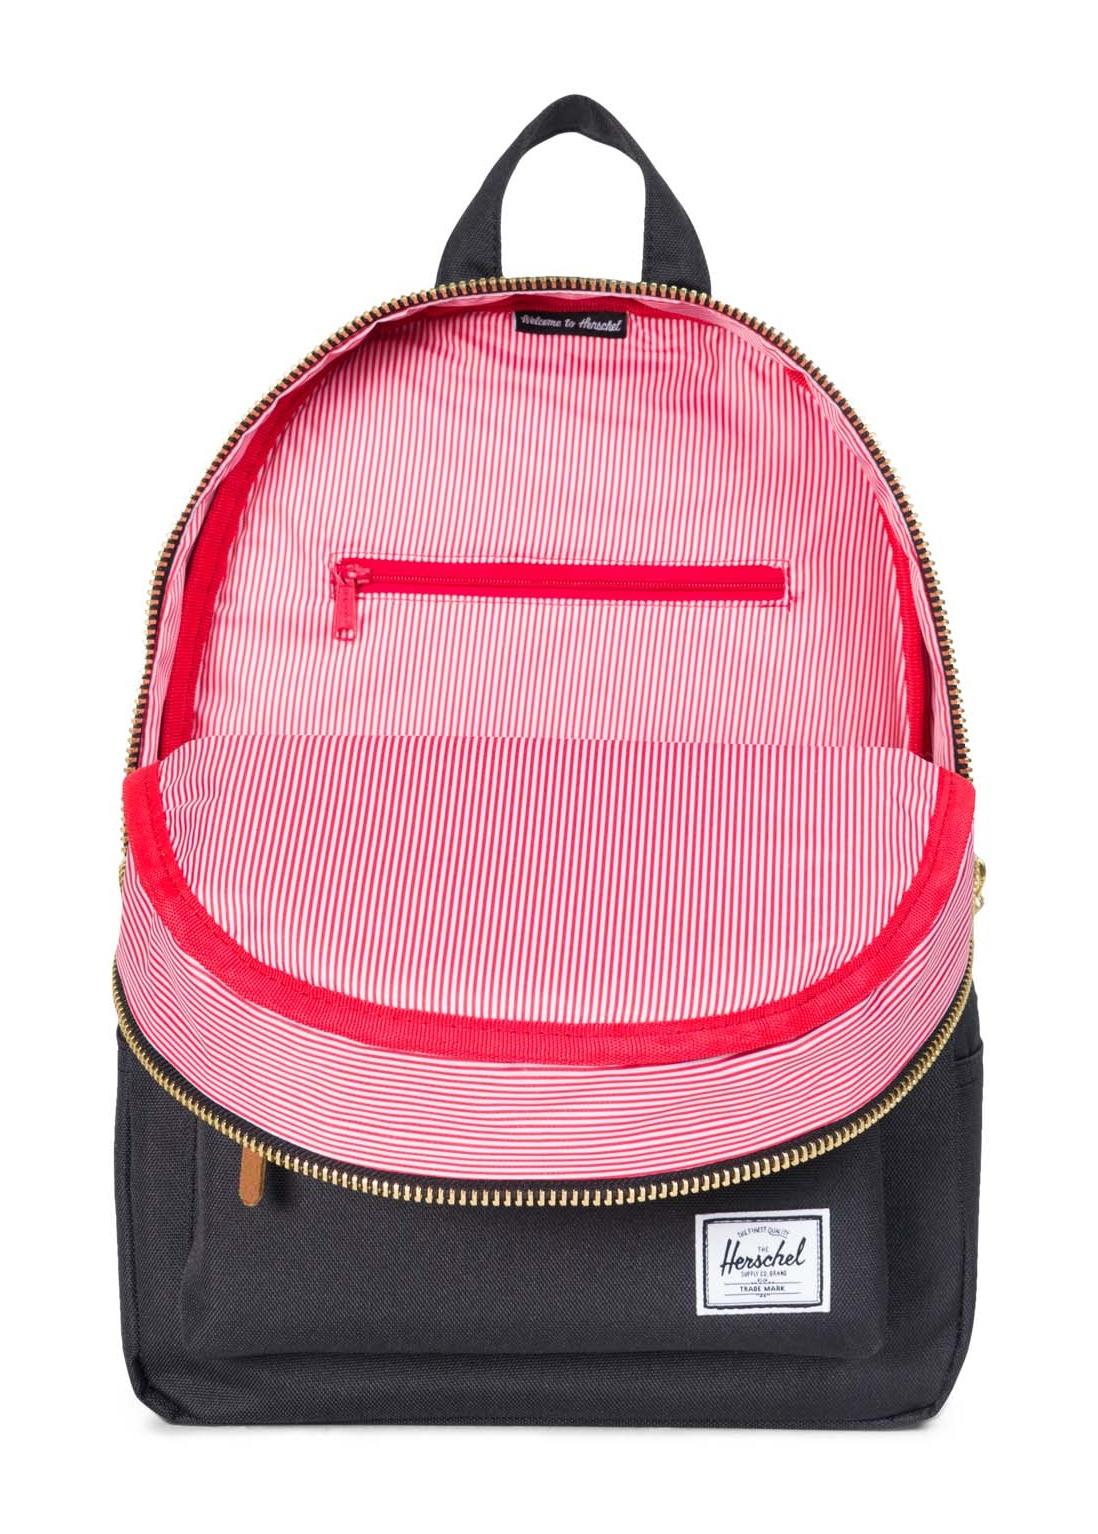 Herschel Grove X-small Backpack Rucksack Freizeitrucksack Tasche Black Schwarz Kindermode, Schuhe & Access. Taschen